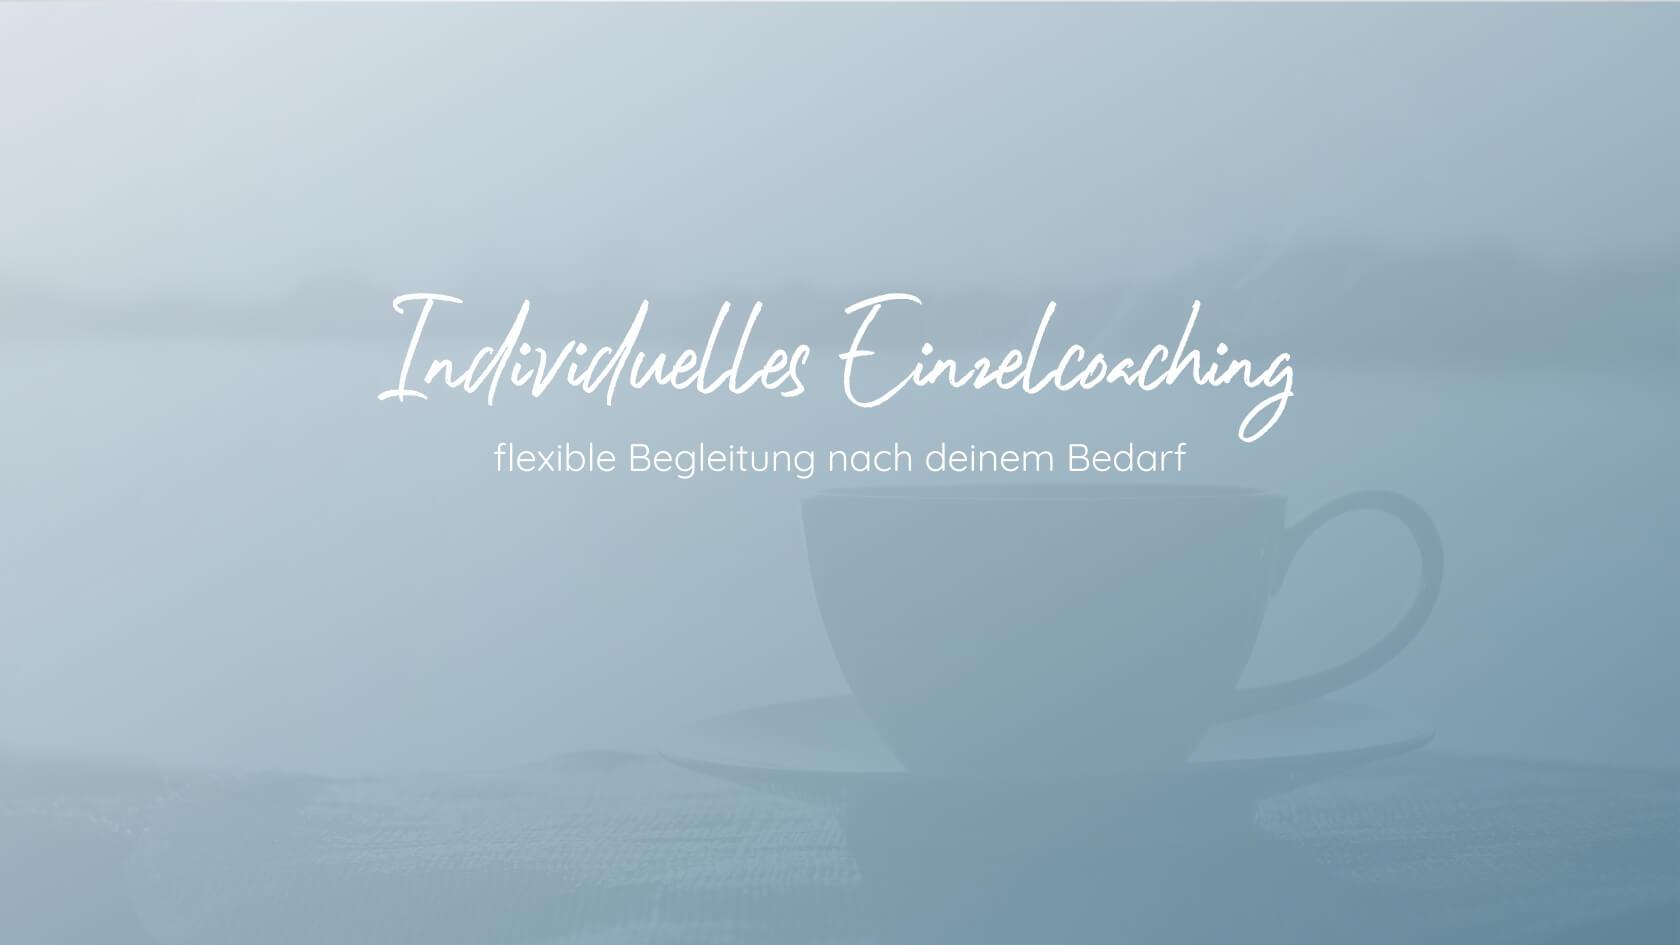 Individuelles Einzelcoaching - flexible Begleitung nach deinem Bedarf